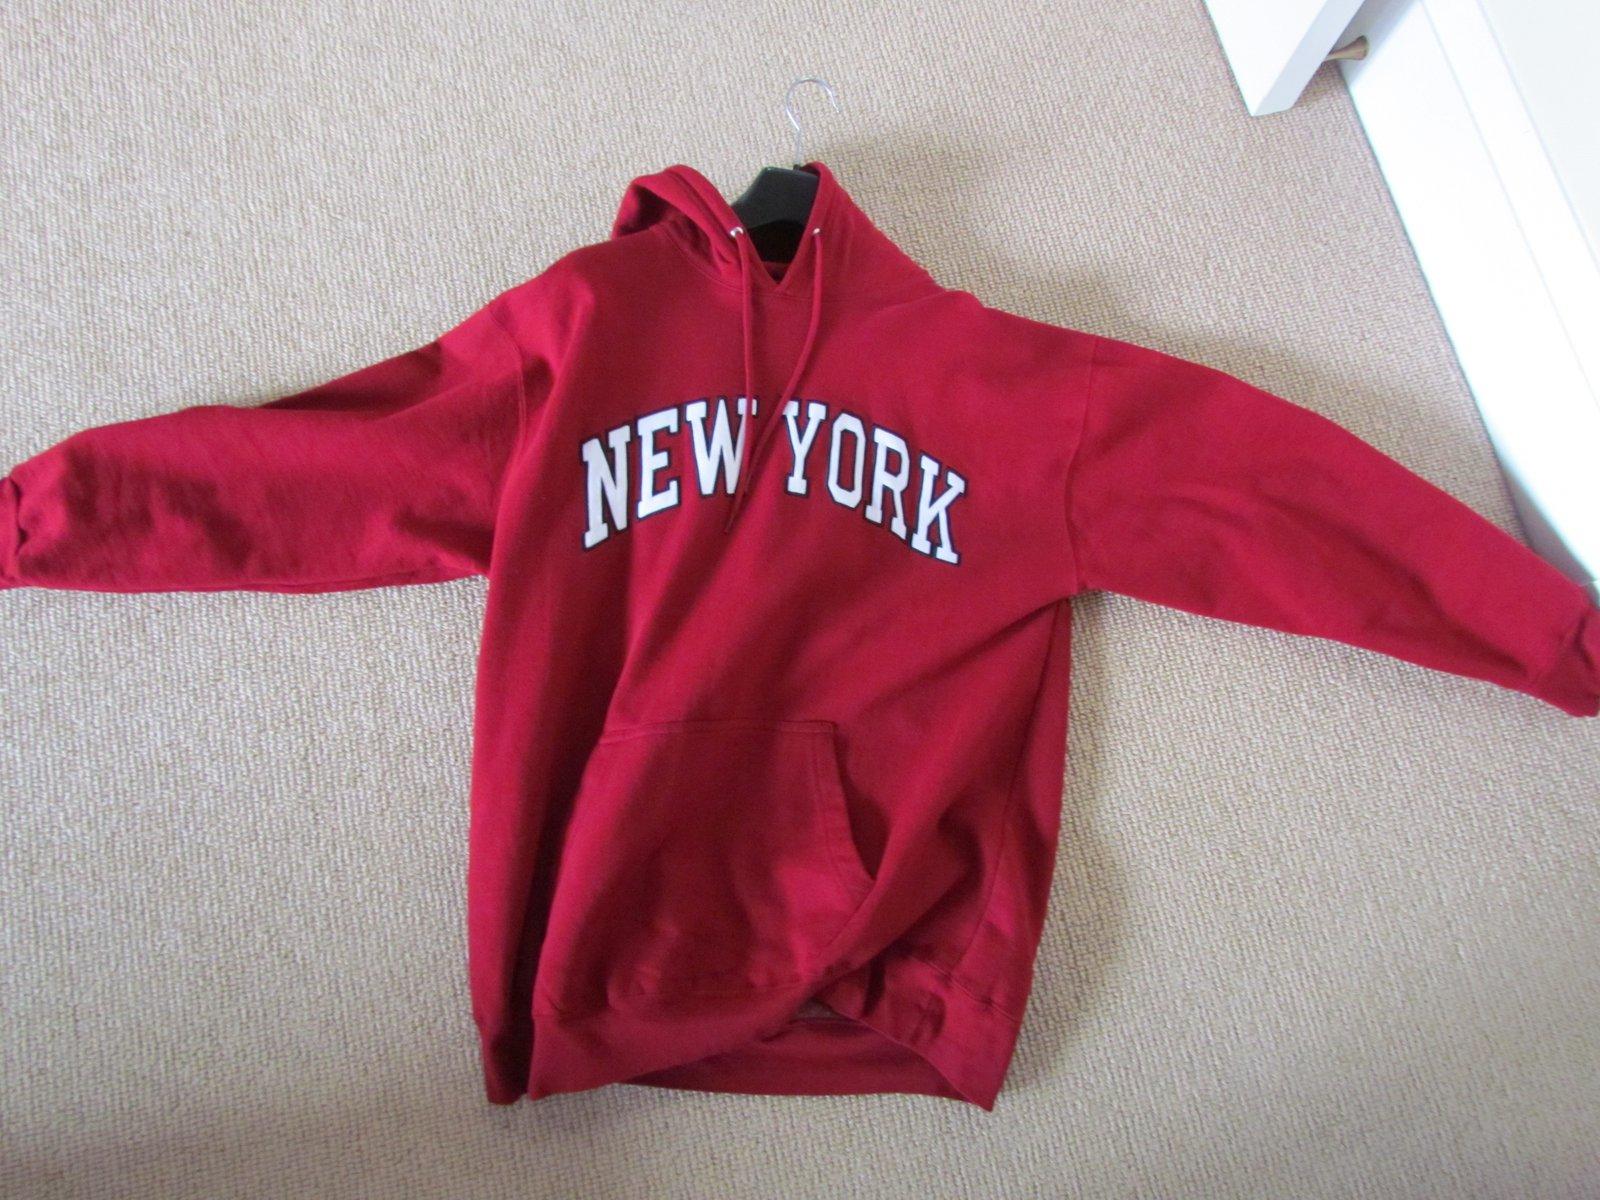 NY sweater